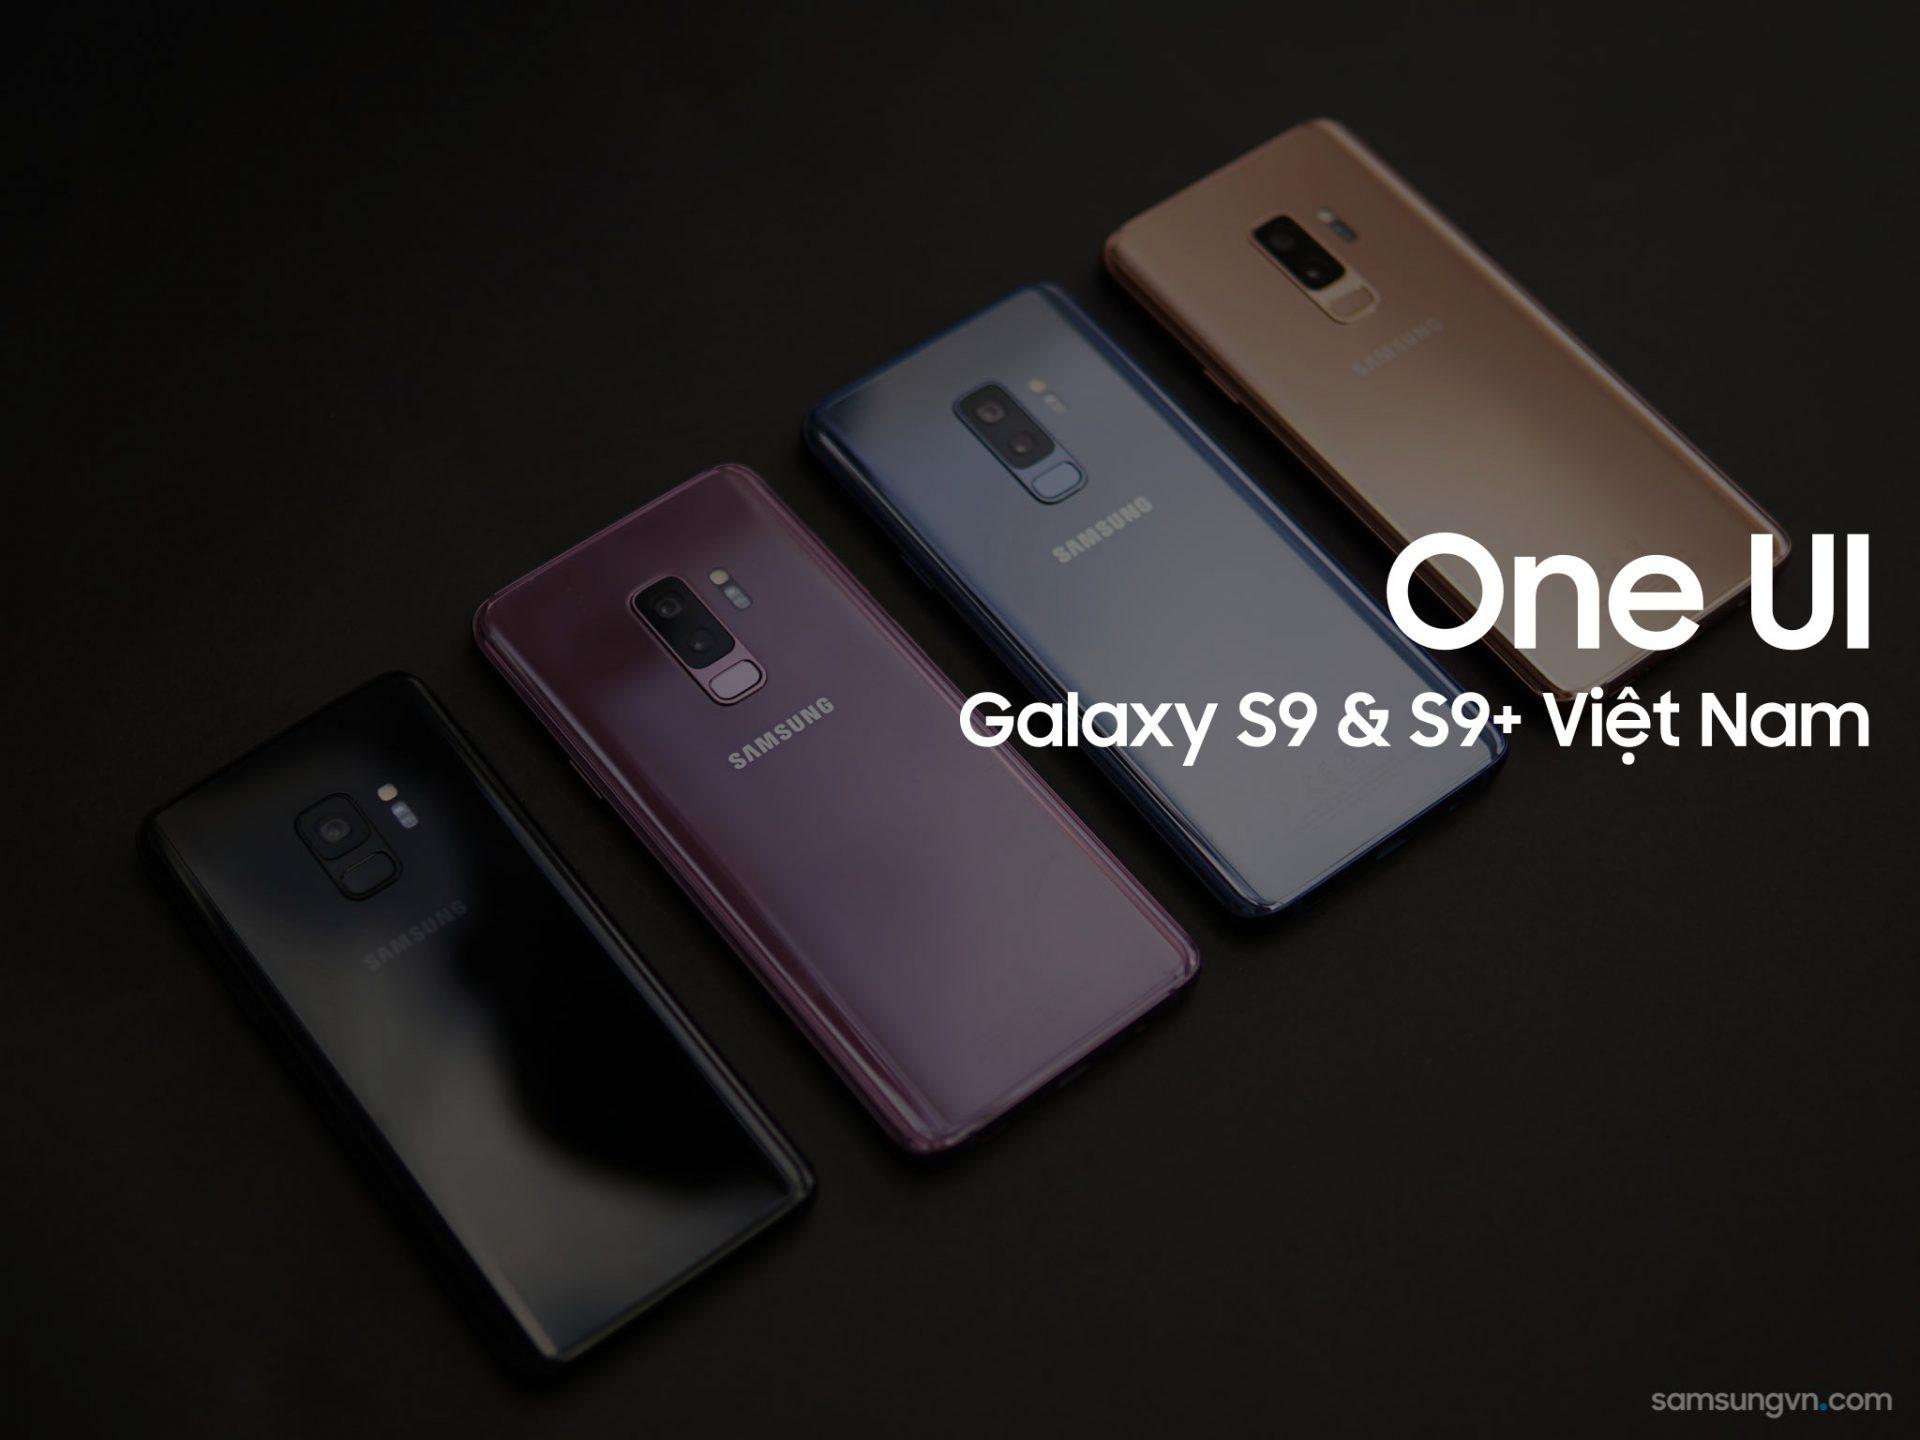 Galaxy S9 | S9+ Việt Nam (XXV) chính thức có cập nhật Android 9 Pie (One UI)